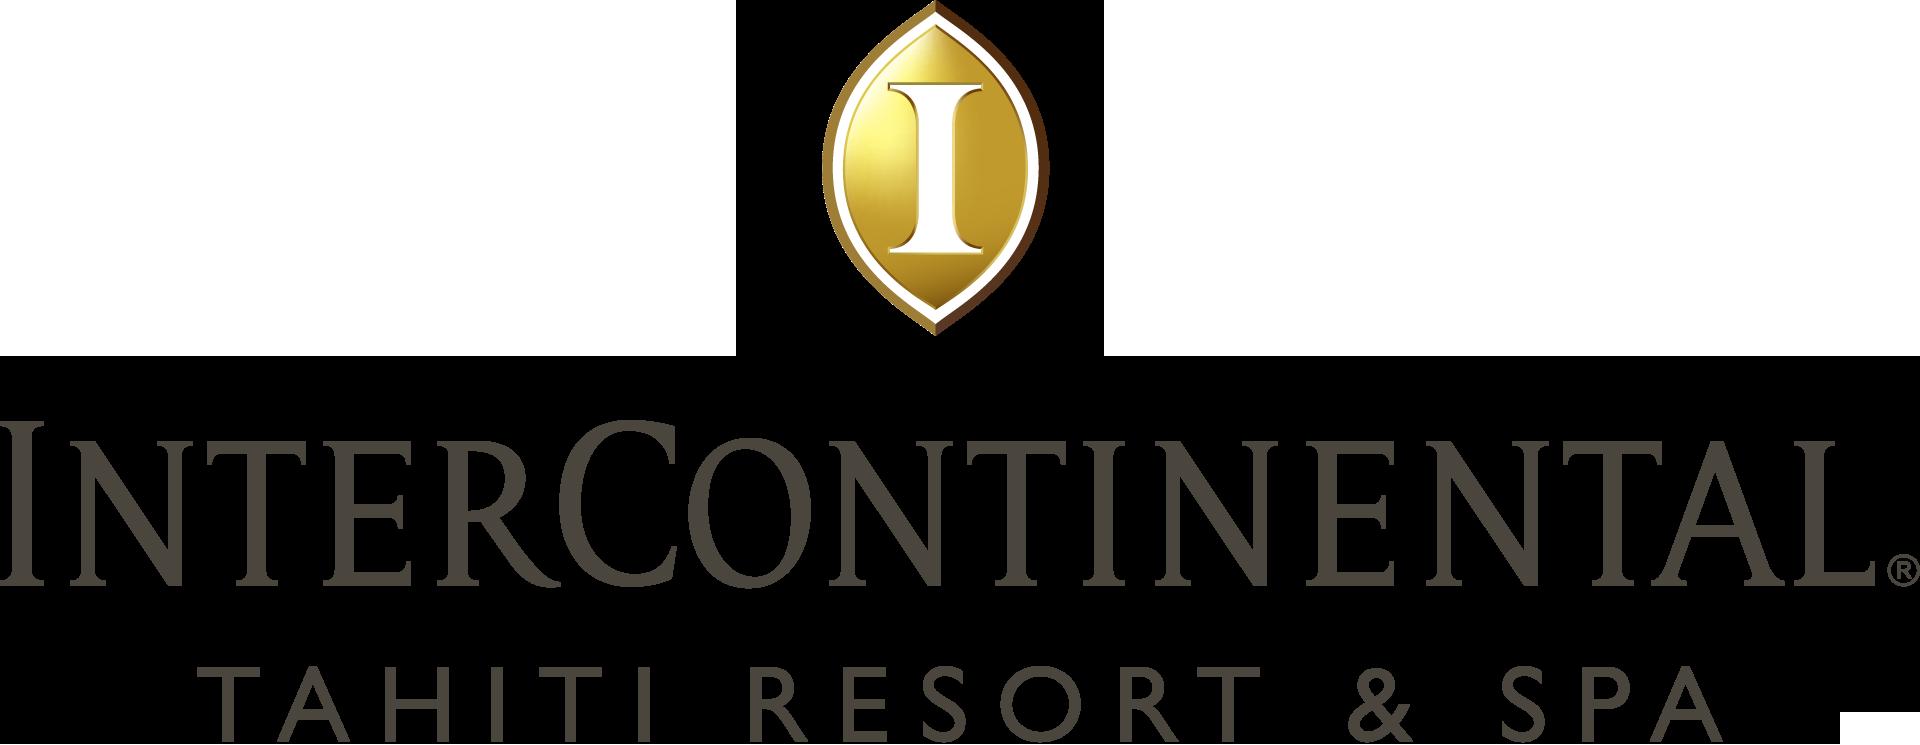 intercontinental-tahiti-resort--spa_48004718762_o.png